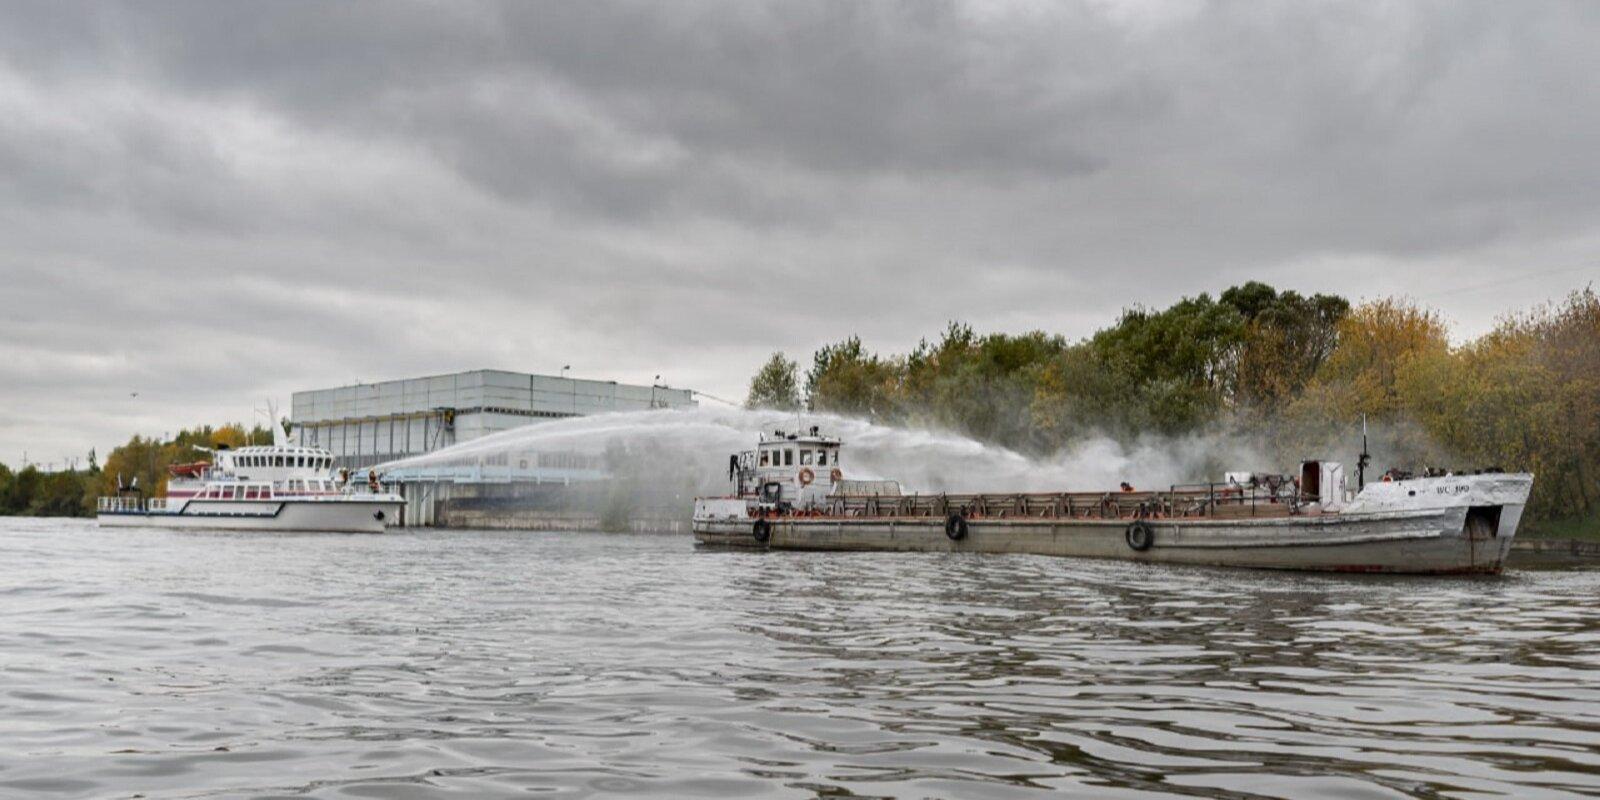 Оперативные службы провели учения по ликвидации последствий разлива нефтепродуктов на Москве-реке